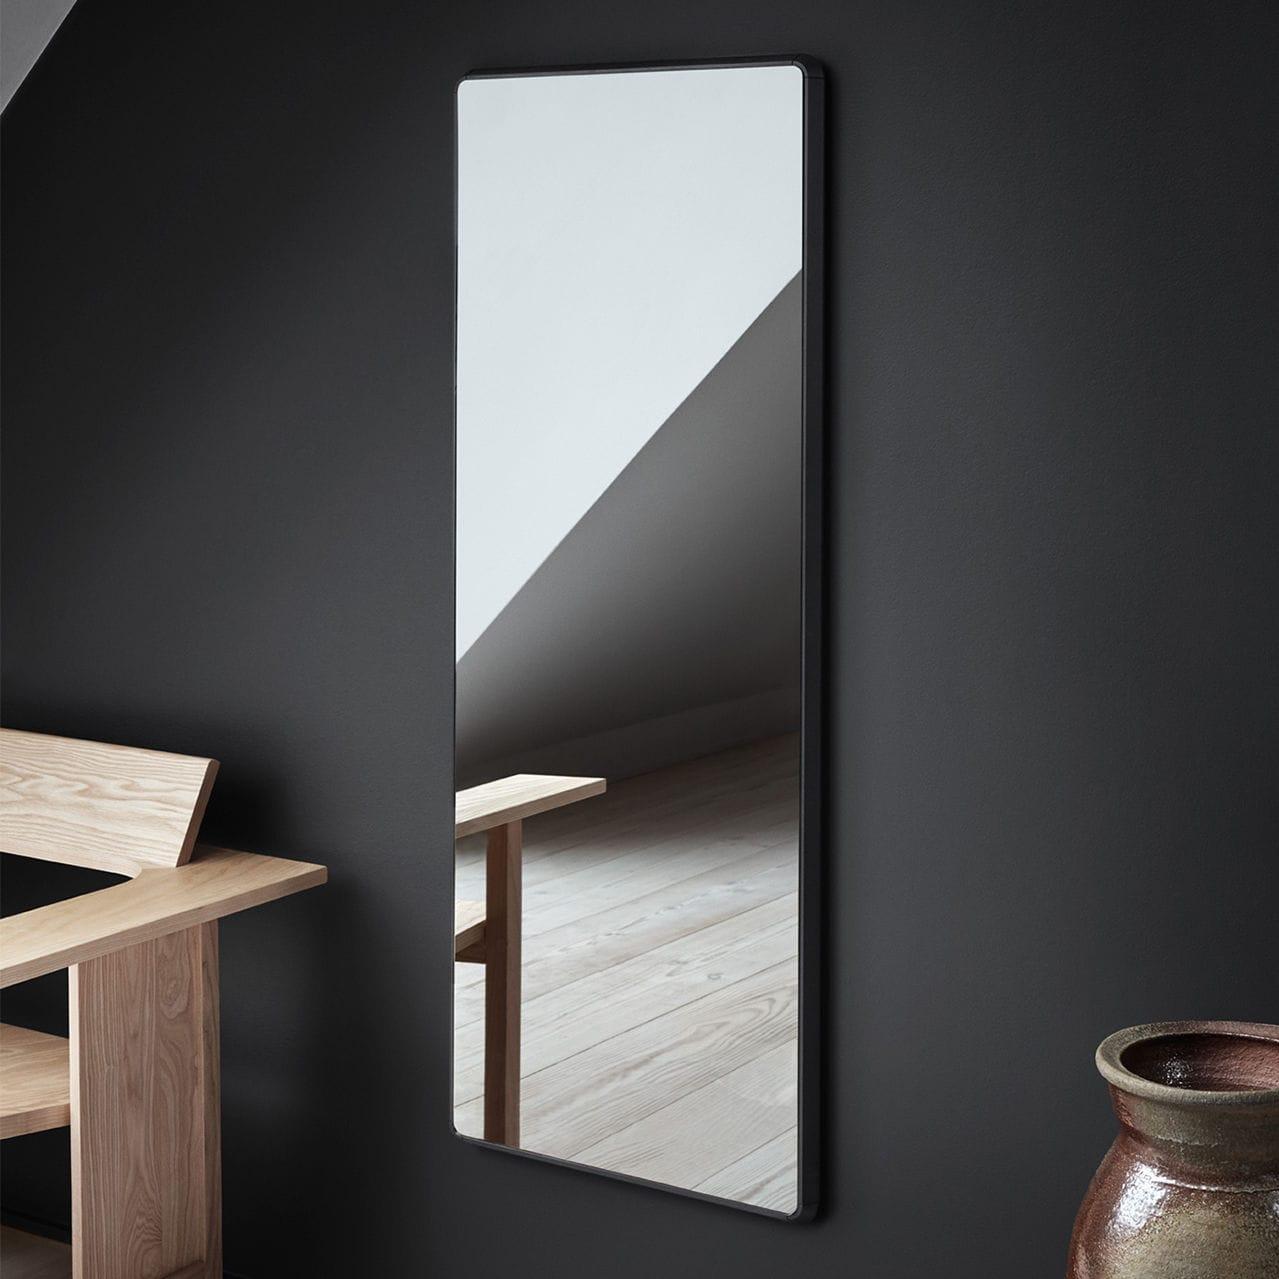 Specchio Design Per Camera Da Letto.Specchio Da Bagno A Muro Vipp912 Vipp Per Camera Da Letto